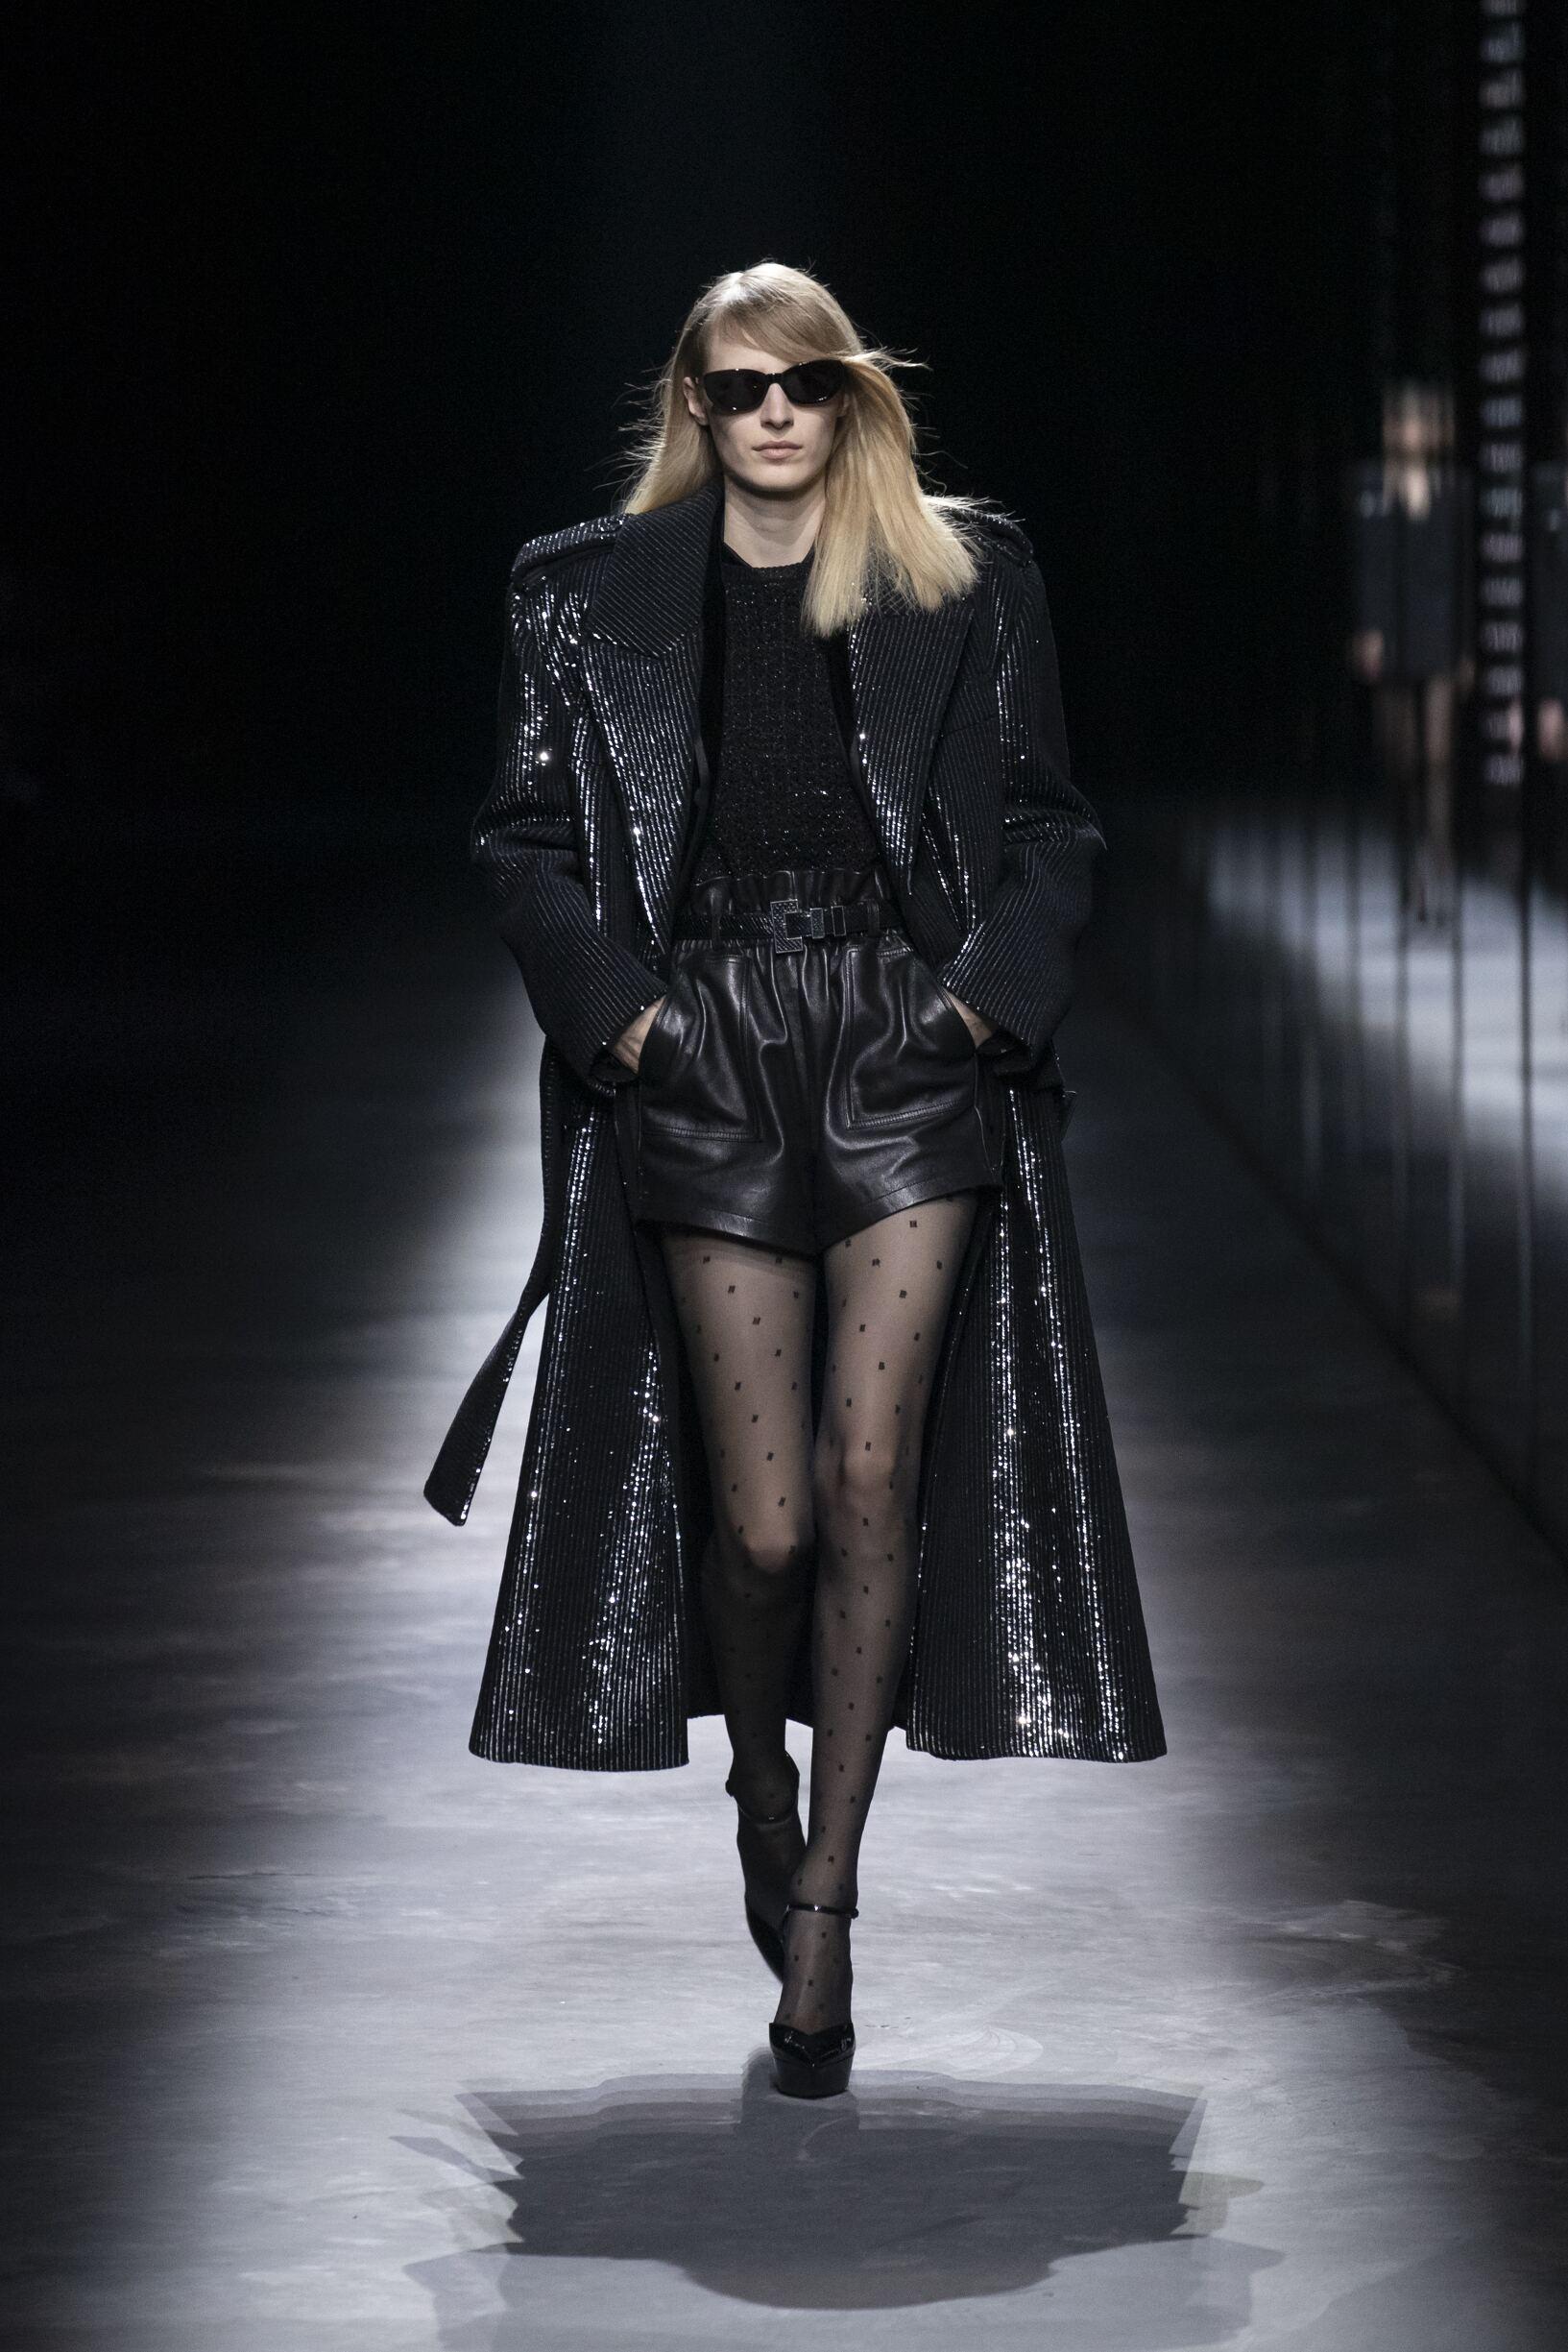 Fashion 2019 Women Style Saint Laurent